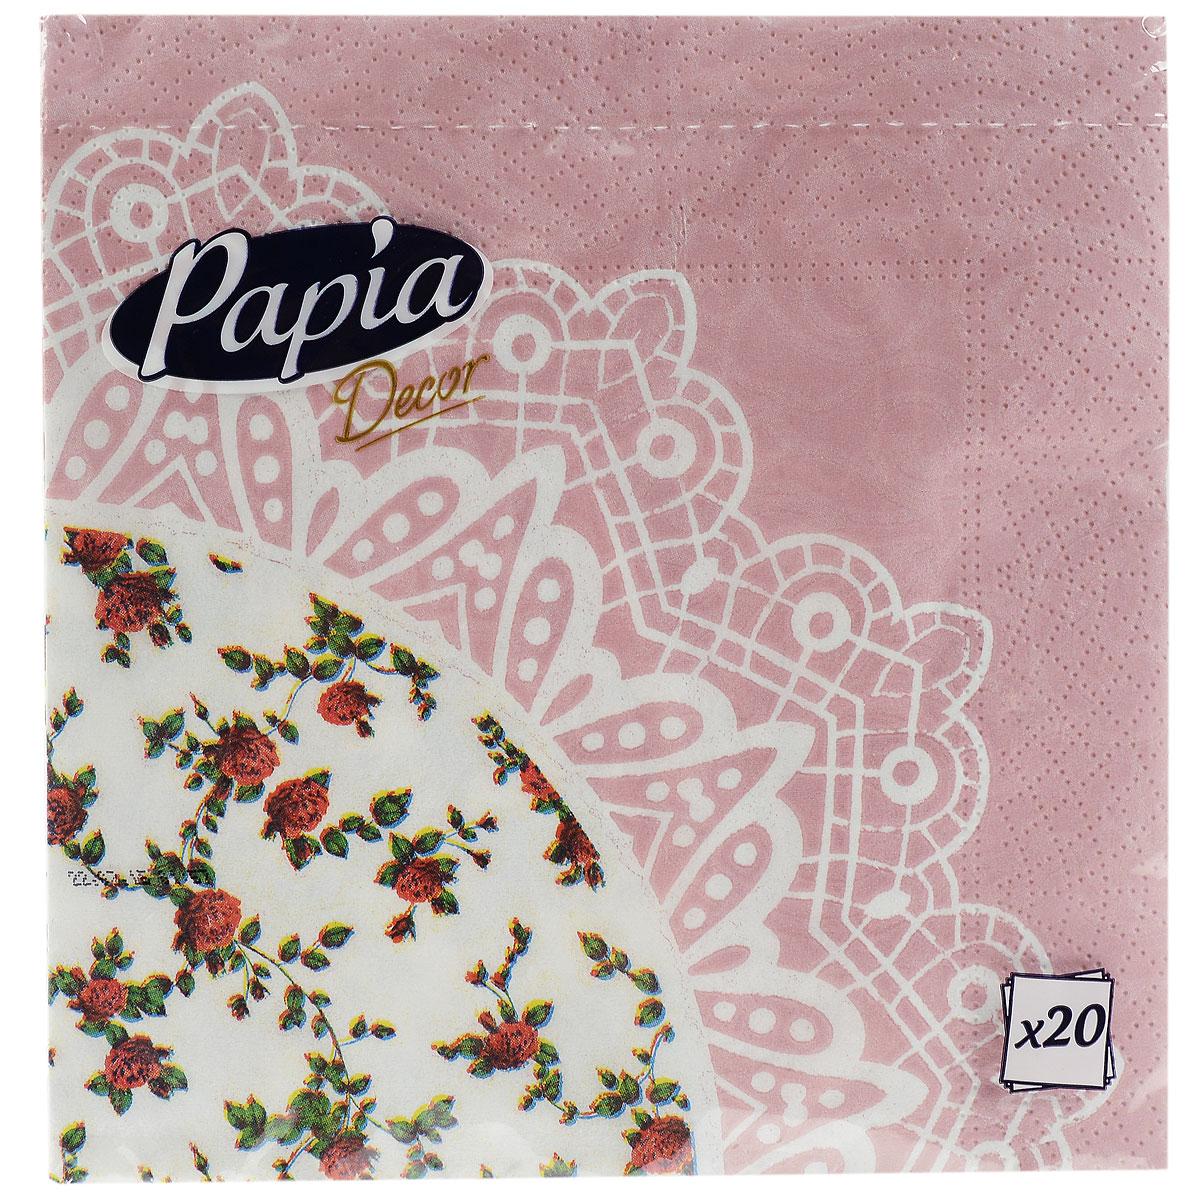 Салфетки бумажные Papia Decor, трехслойные, цвет: белый, розовый, 33 x 33 см, 20 шт787502Трехслойные салфетки Papia Decor, выполненные из 100% целлюлозы, оформлены красивым цветочным рисунком. Салфетки предназначены для красивой сервировки стола. Оригинальный дизайн салфеток добавит изысканности вашему столу и поднимет настроение. Размер салфеток: 33 см х 33 см.